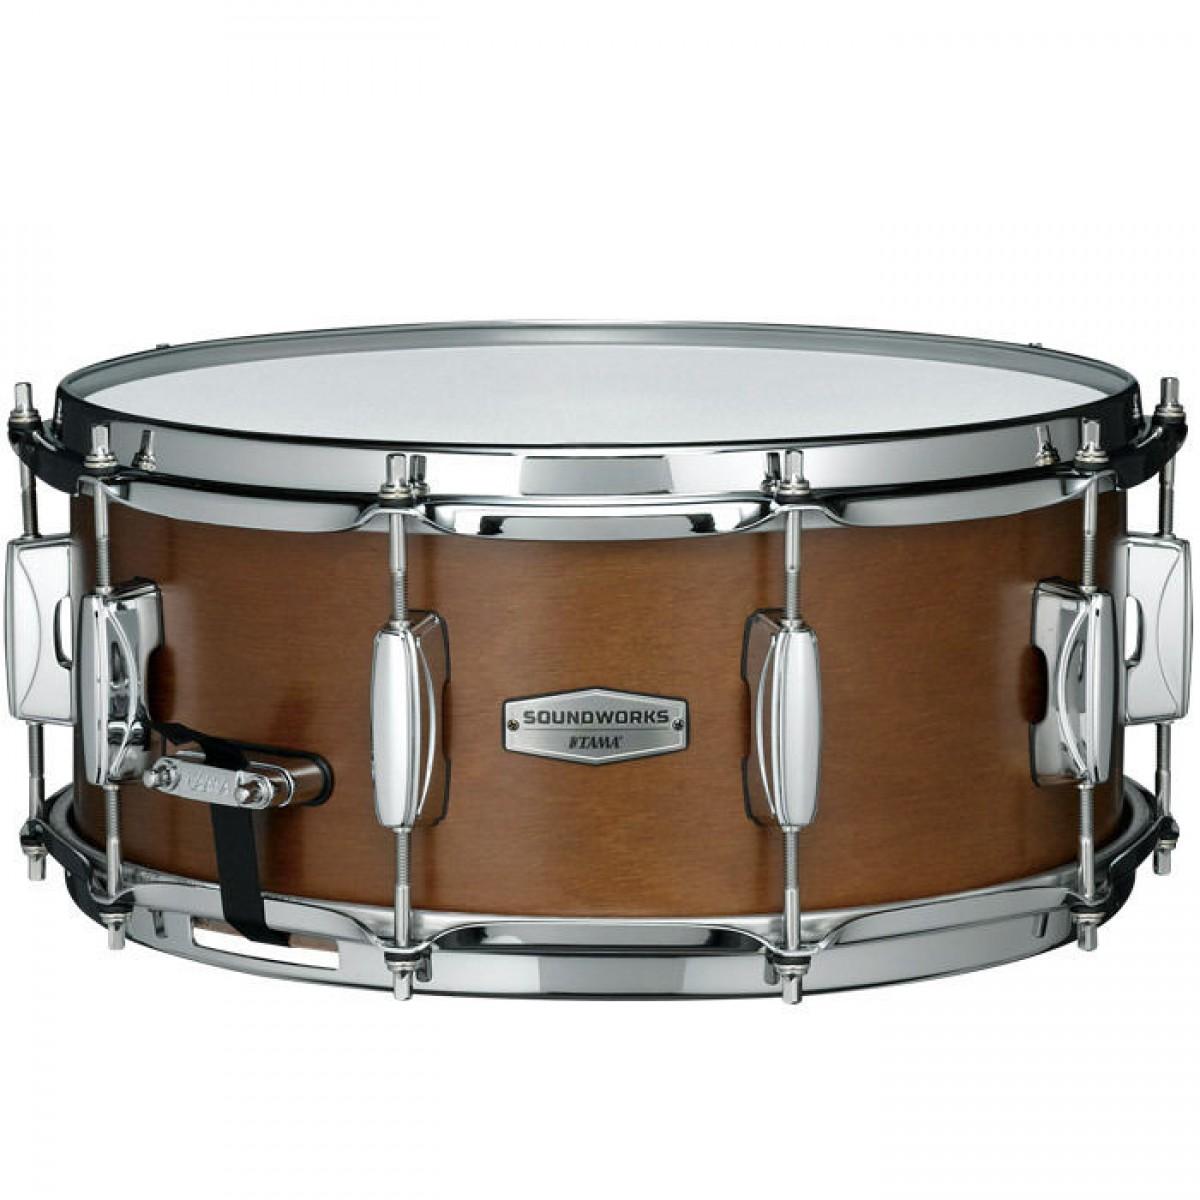 tama soundworks 14 x6 kapur snare drum. Black Bedroom Furniture Sets. Home Design Ideas